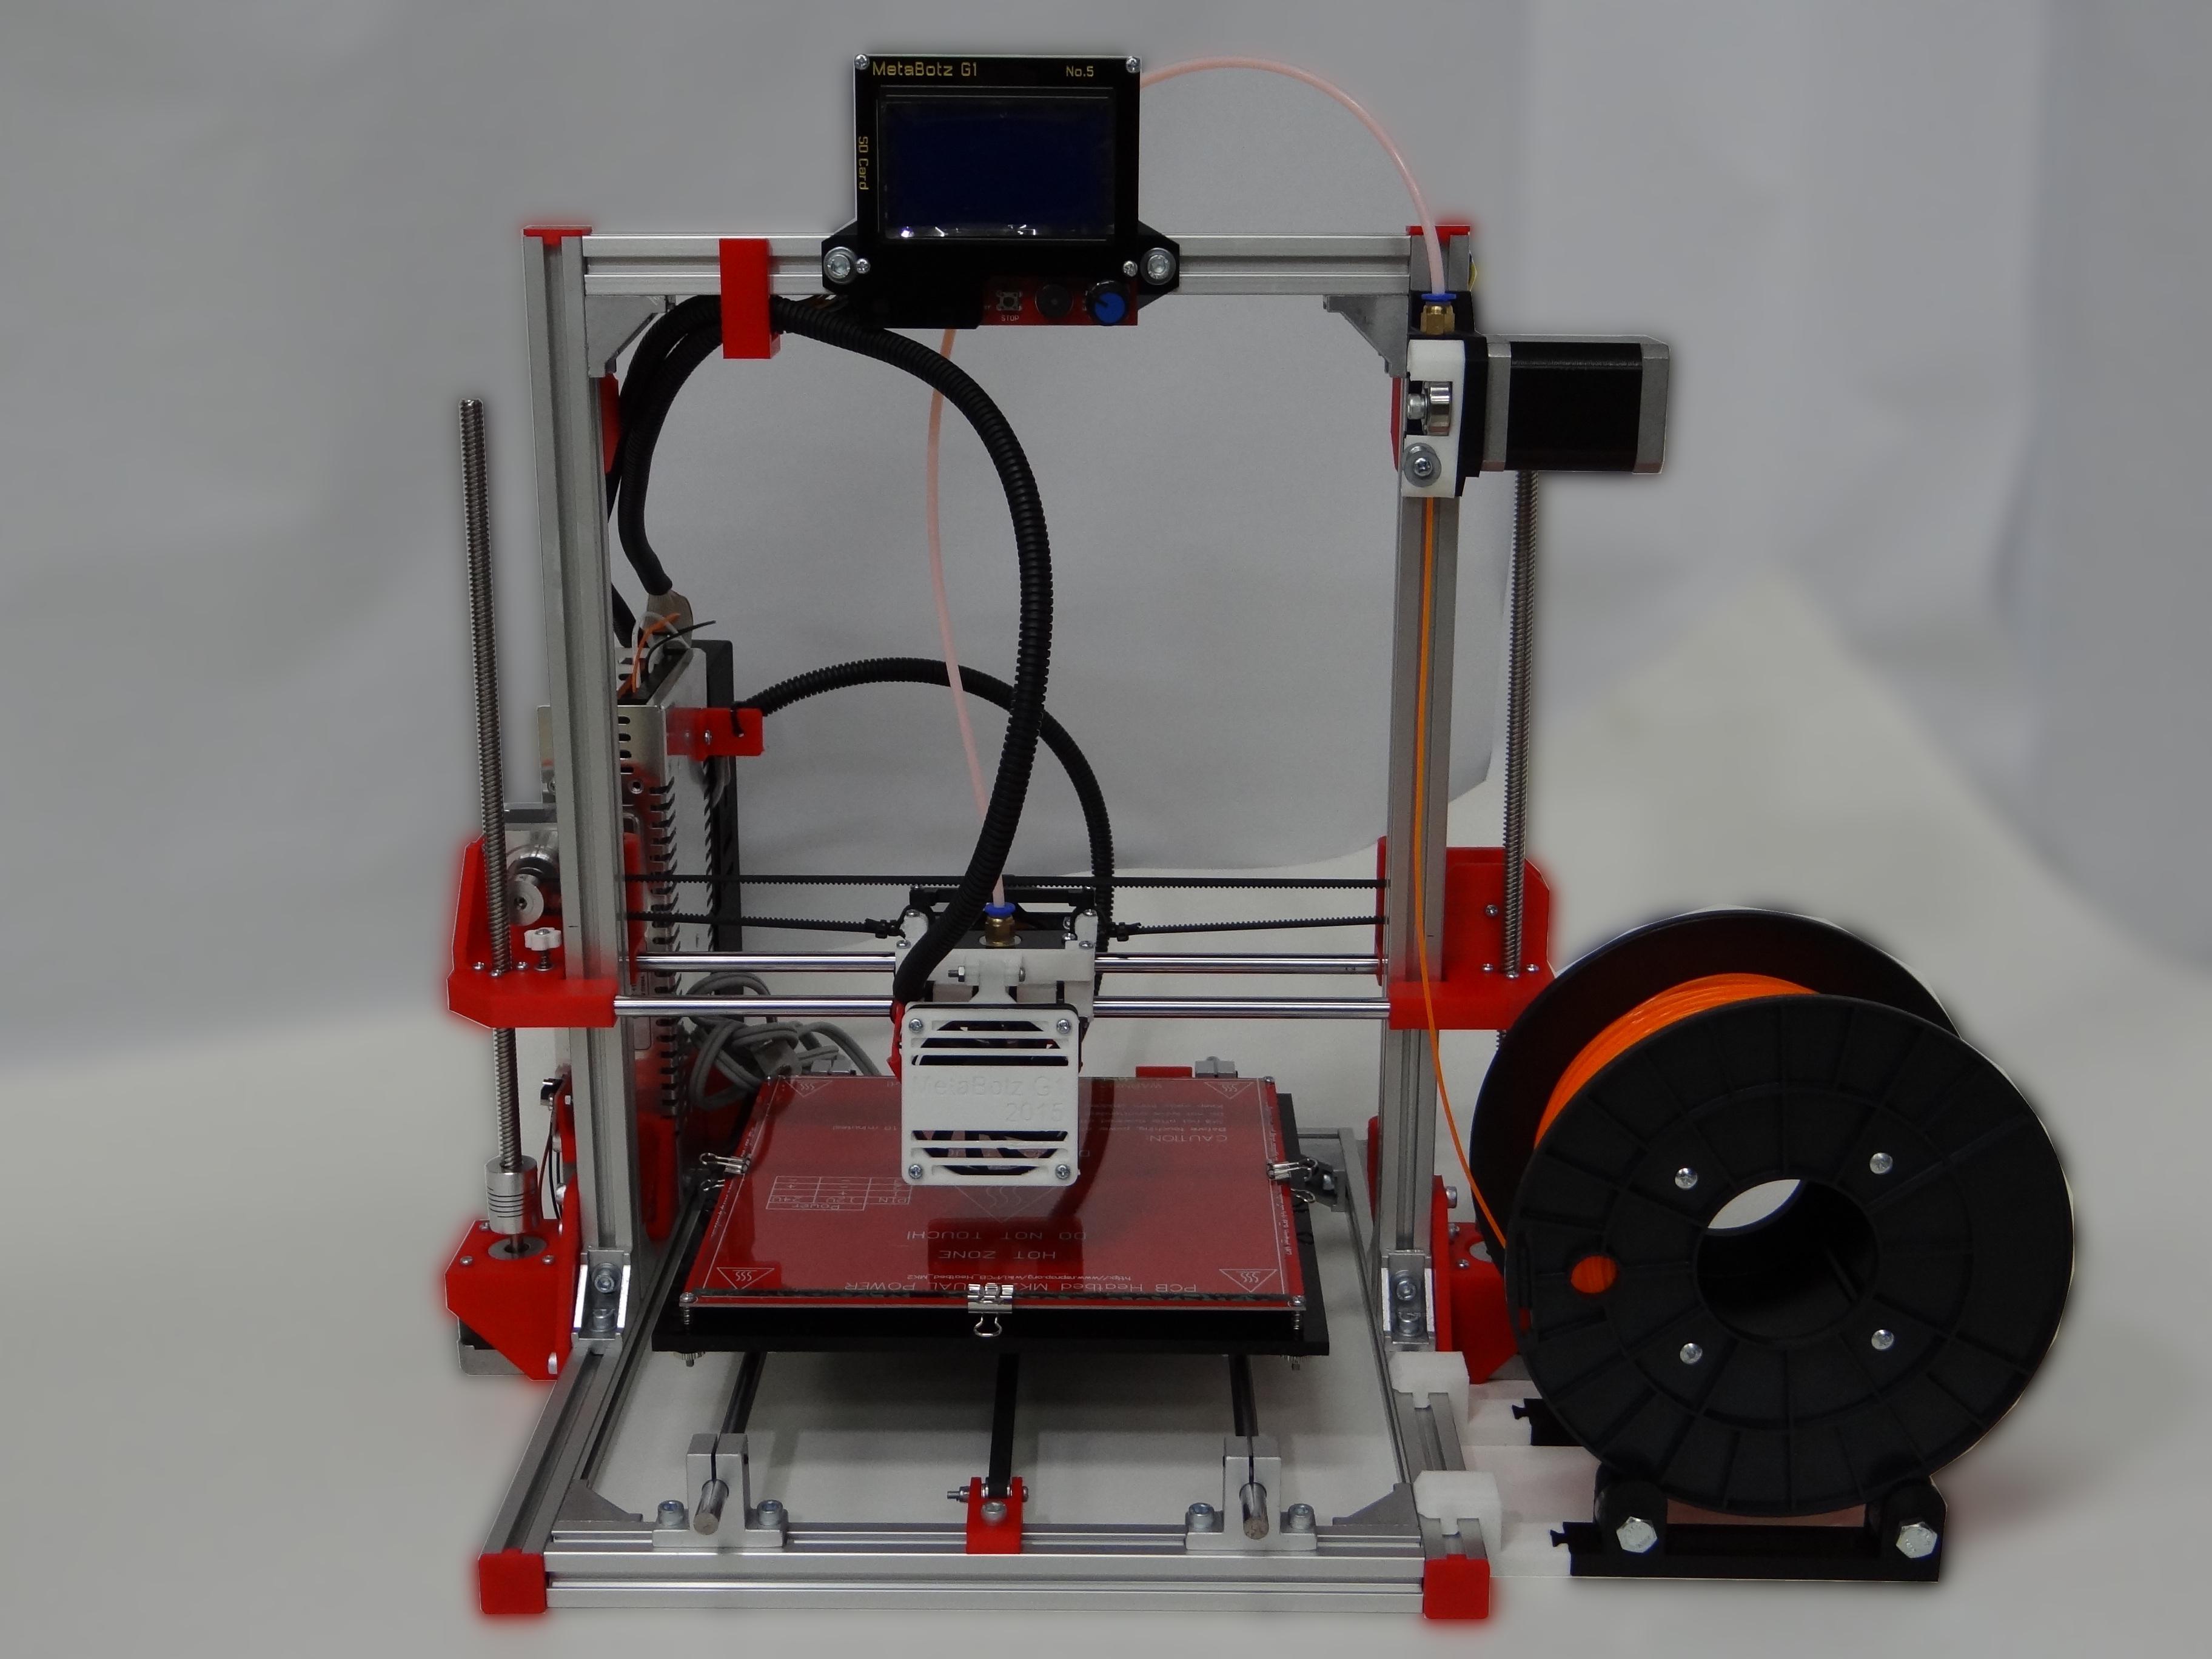 """เครื่องพิมพ์สามมิติ 3D printer """"MetaBotz G1"""" รับประกัน 7 วัน"""